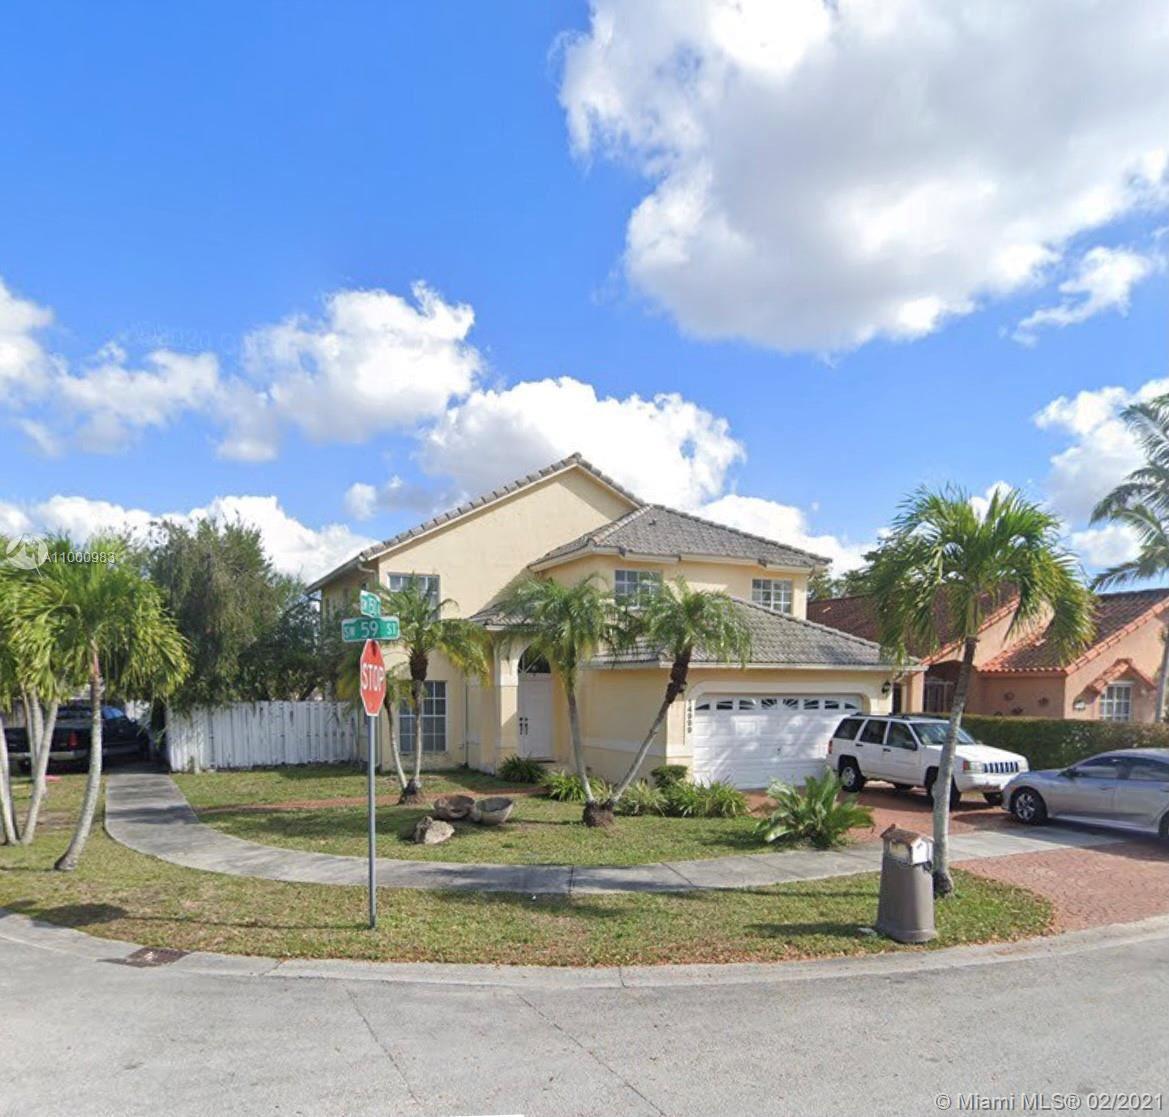 14999 SW 59th St, Miami, FL 33193 - #: A11000983